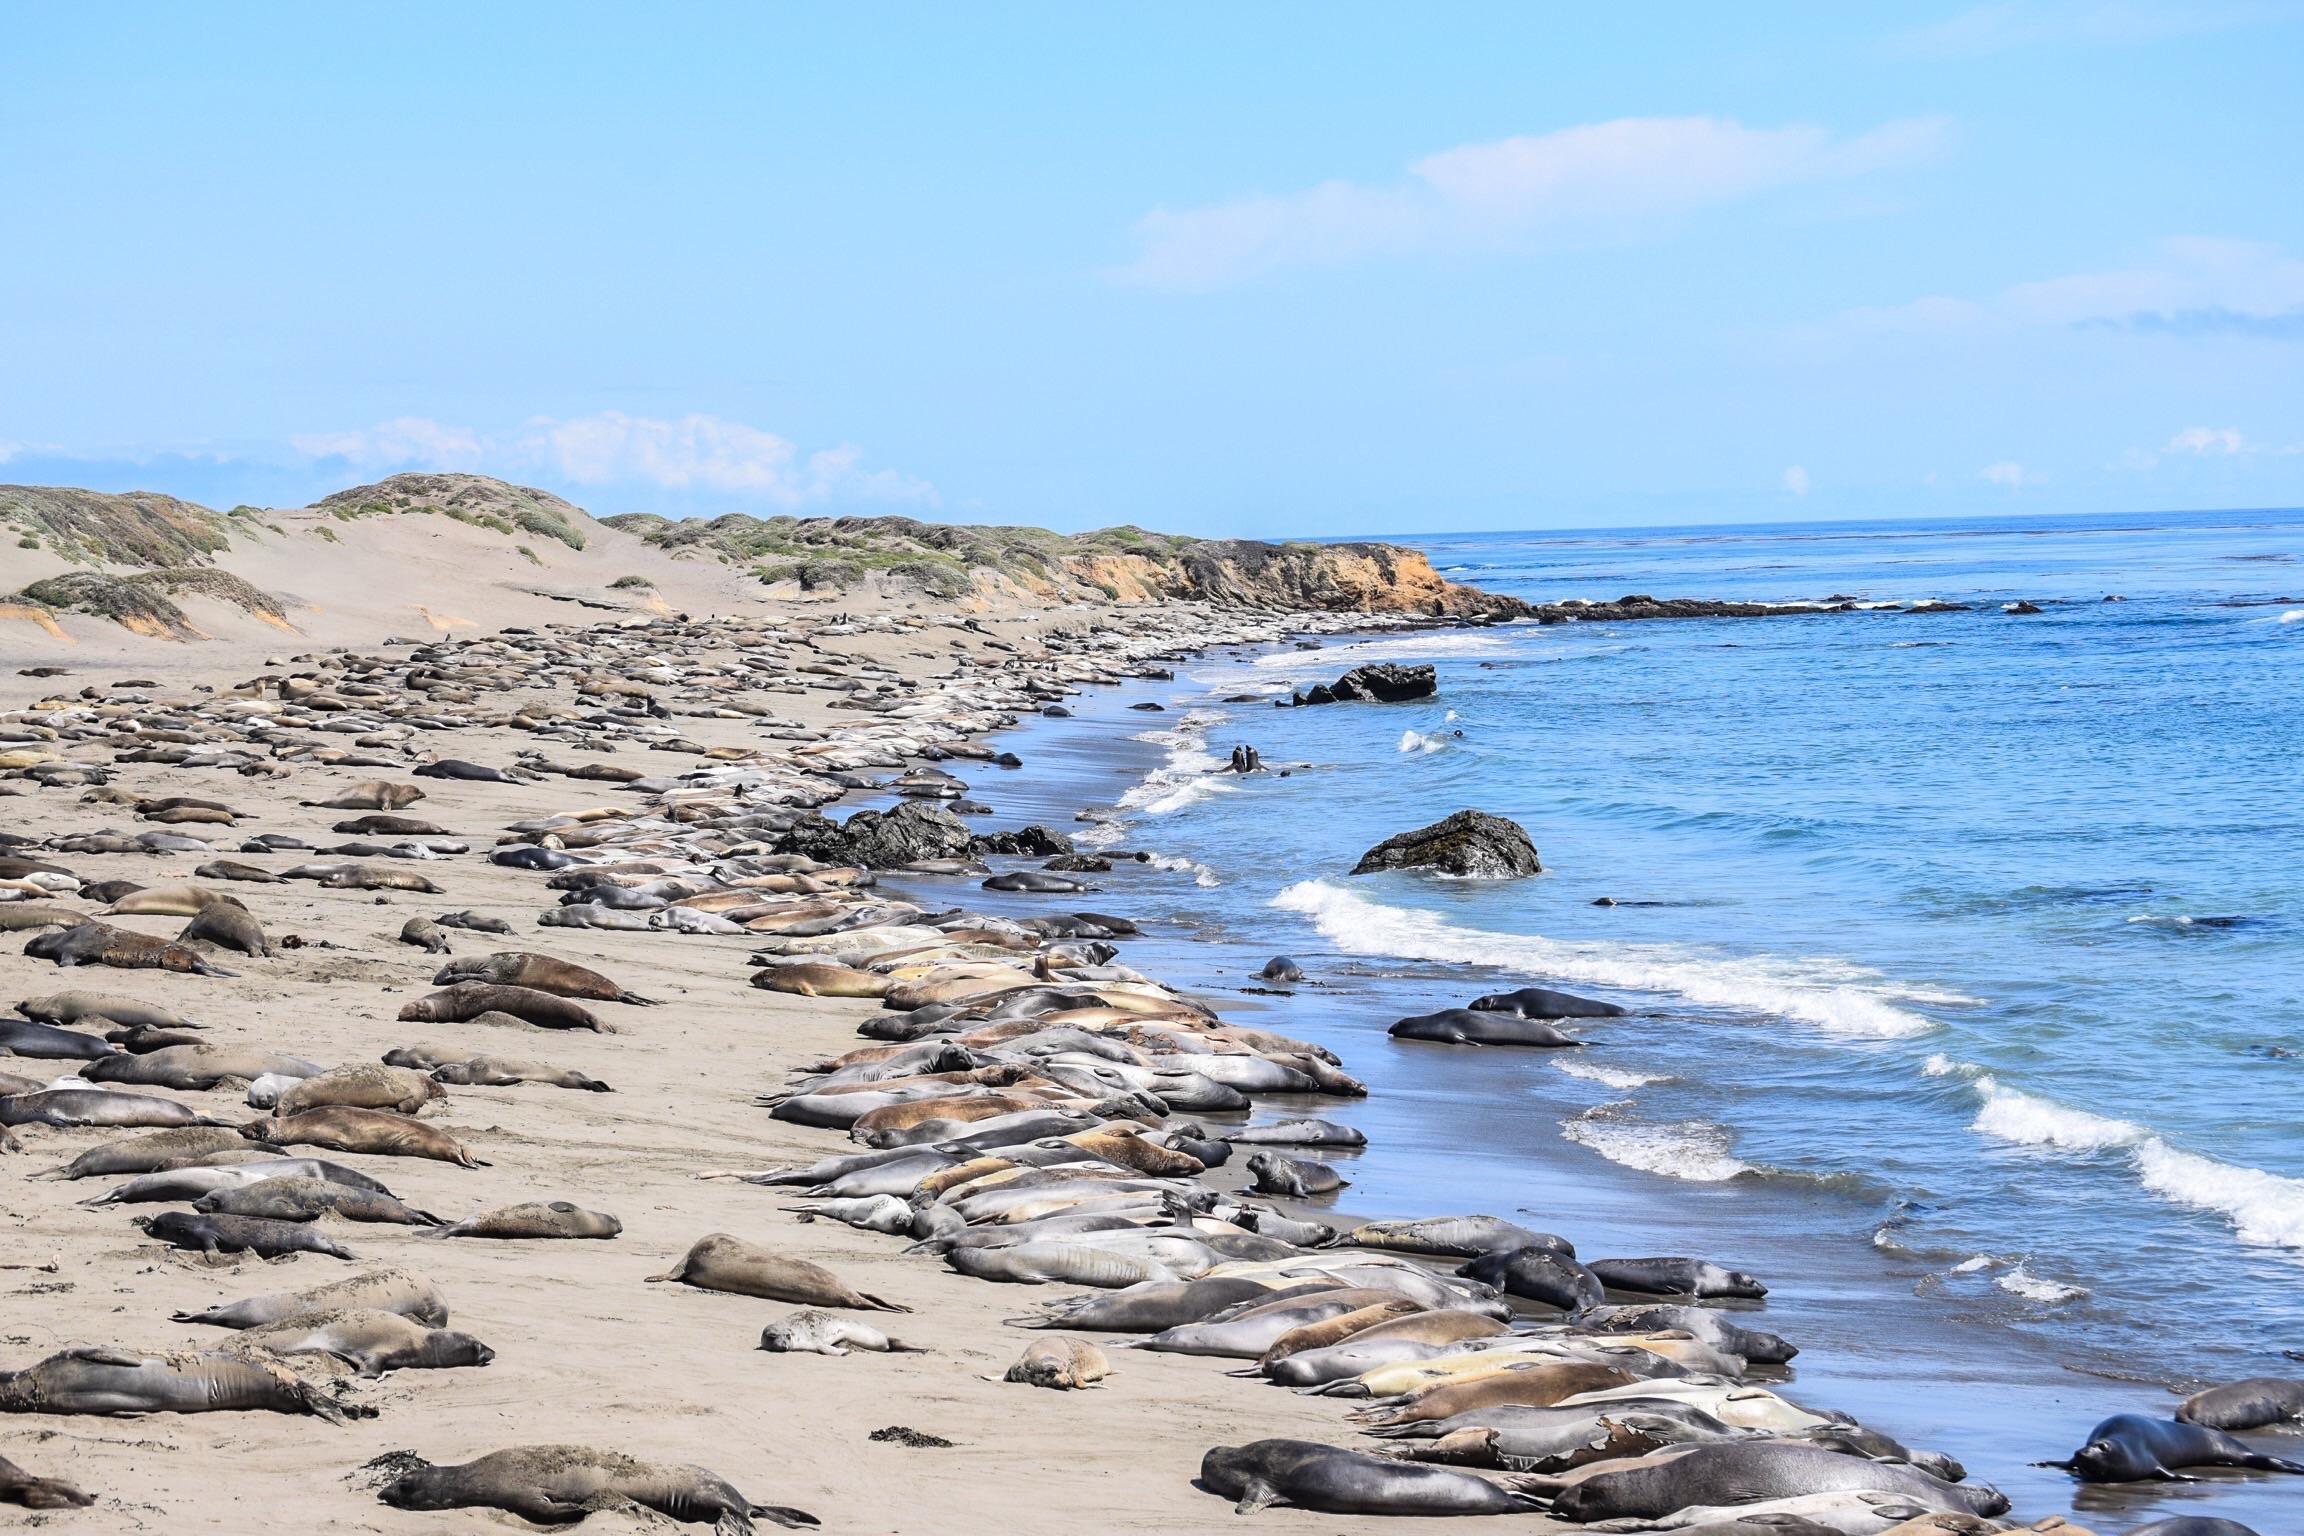 San Simeon - Elephant seal beach